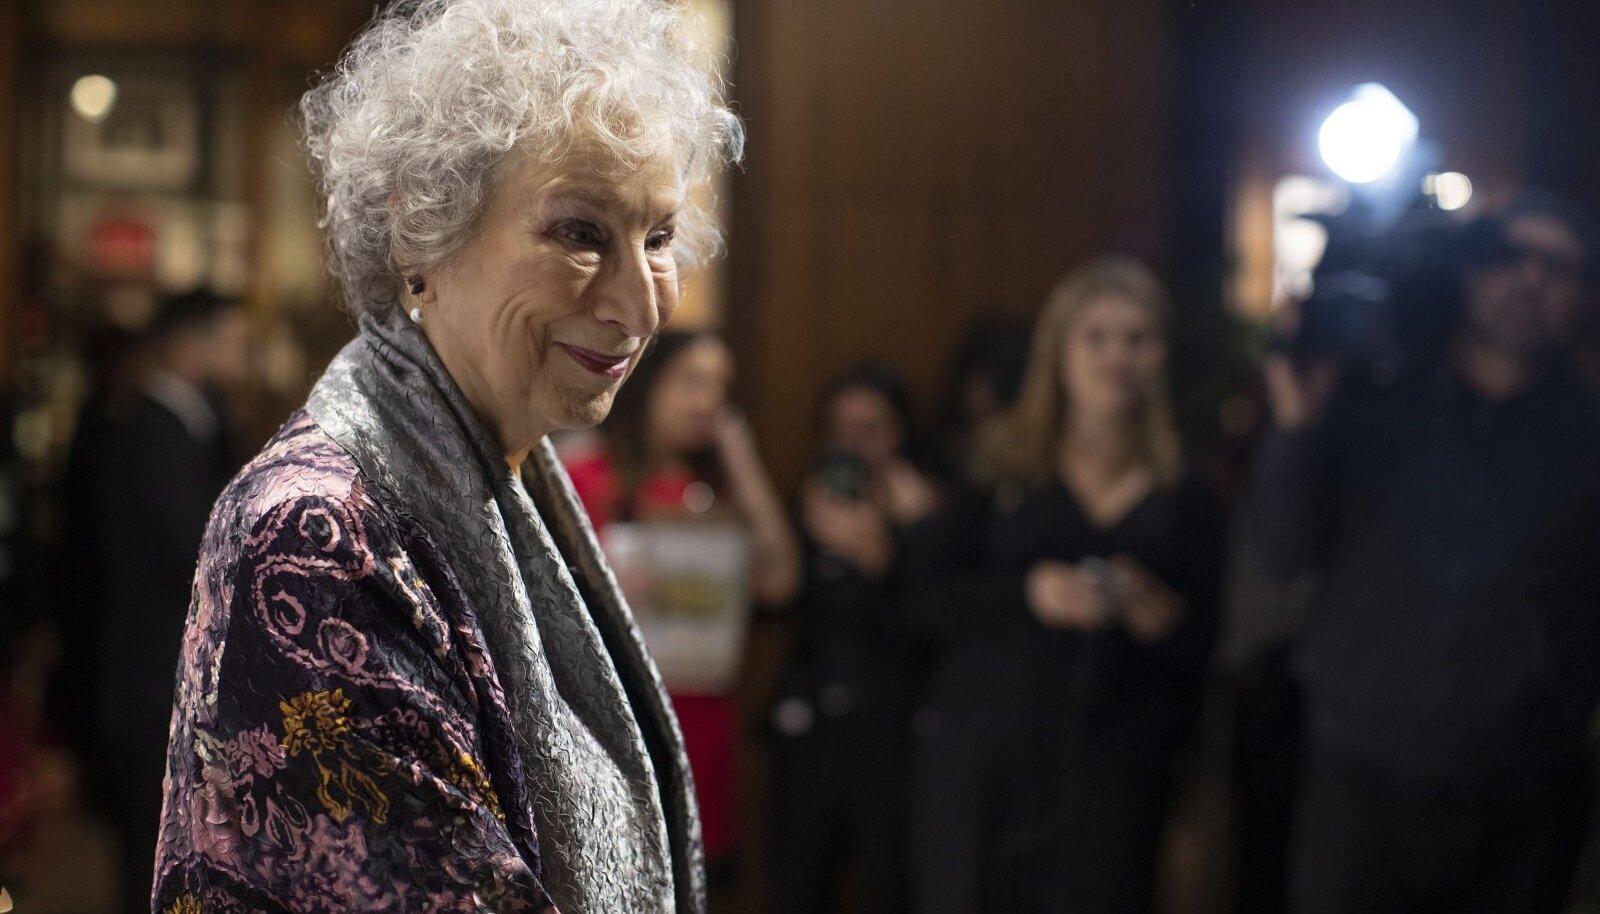 """""""Tehingud surnutega. Kirjanik kirjutamisest"""" annab aimust elukutse või sunni viisil hobiks taandatud karjääri keerukusest ja olulisusest. Fotol Atwood 2019. aasta novembris Torontos Giller Prize'i galal"""